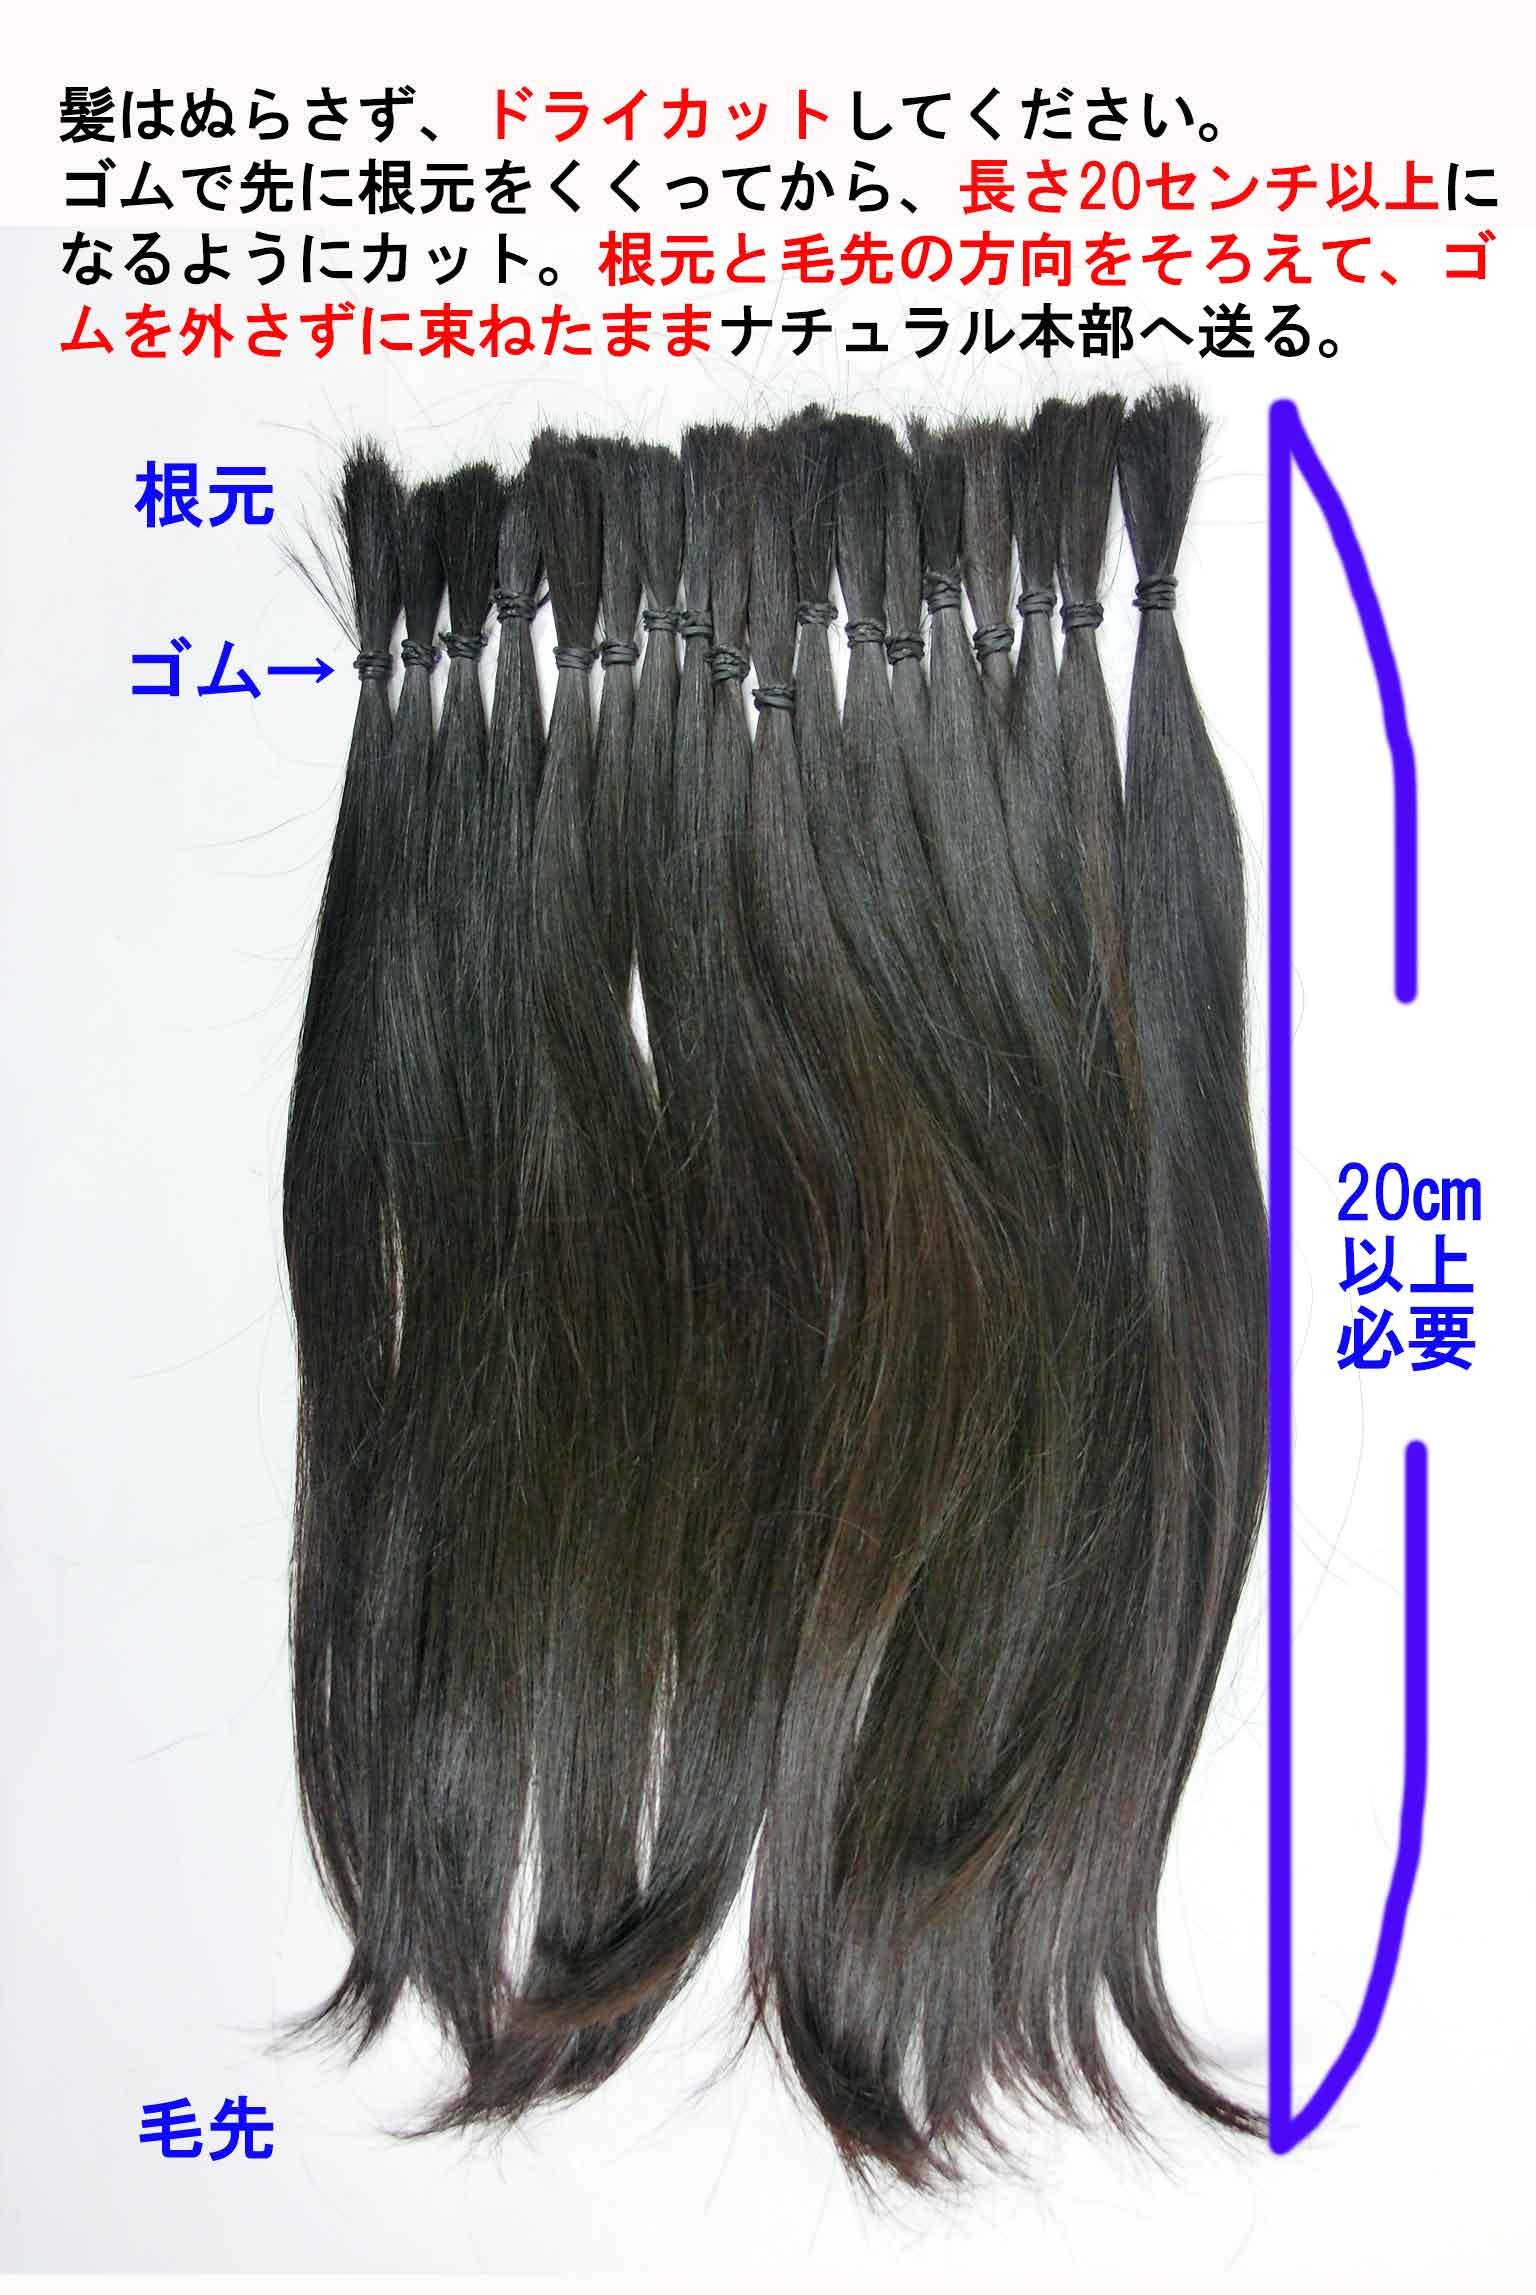 自毛のカット方法